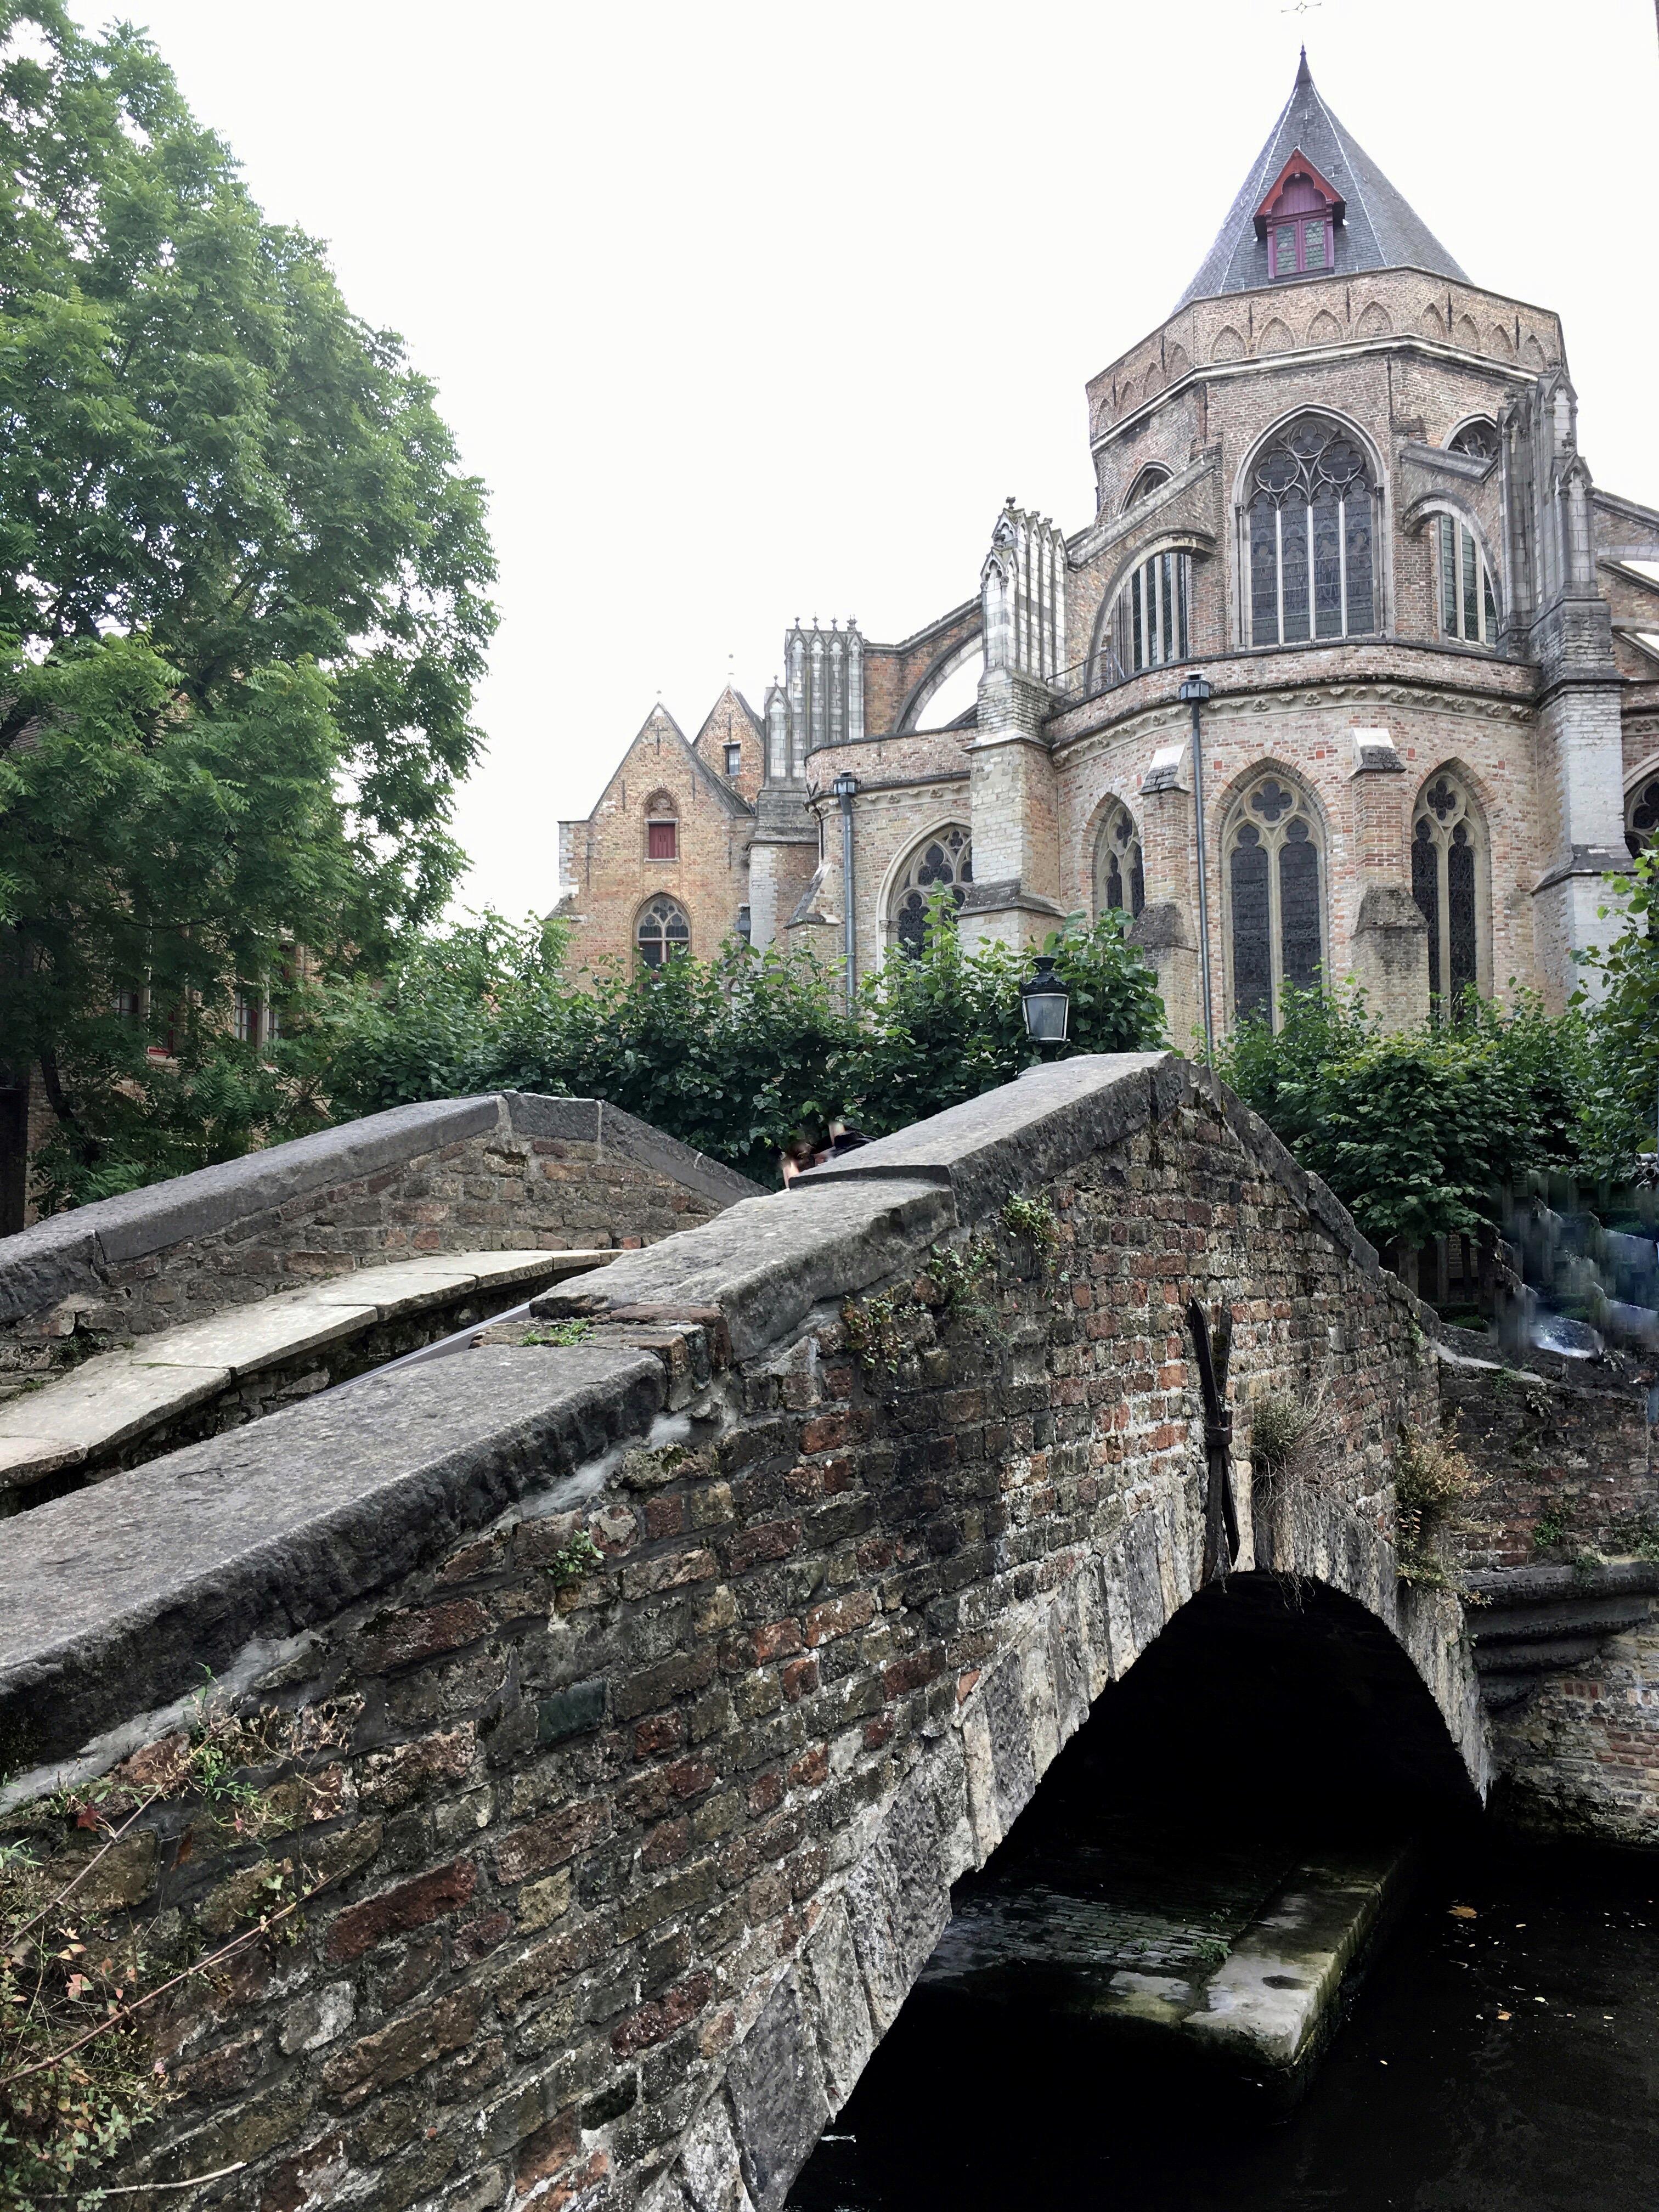 bezienswaardigeheden brugge bonifaciusbrug